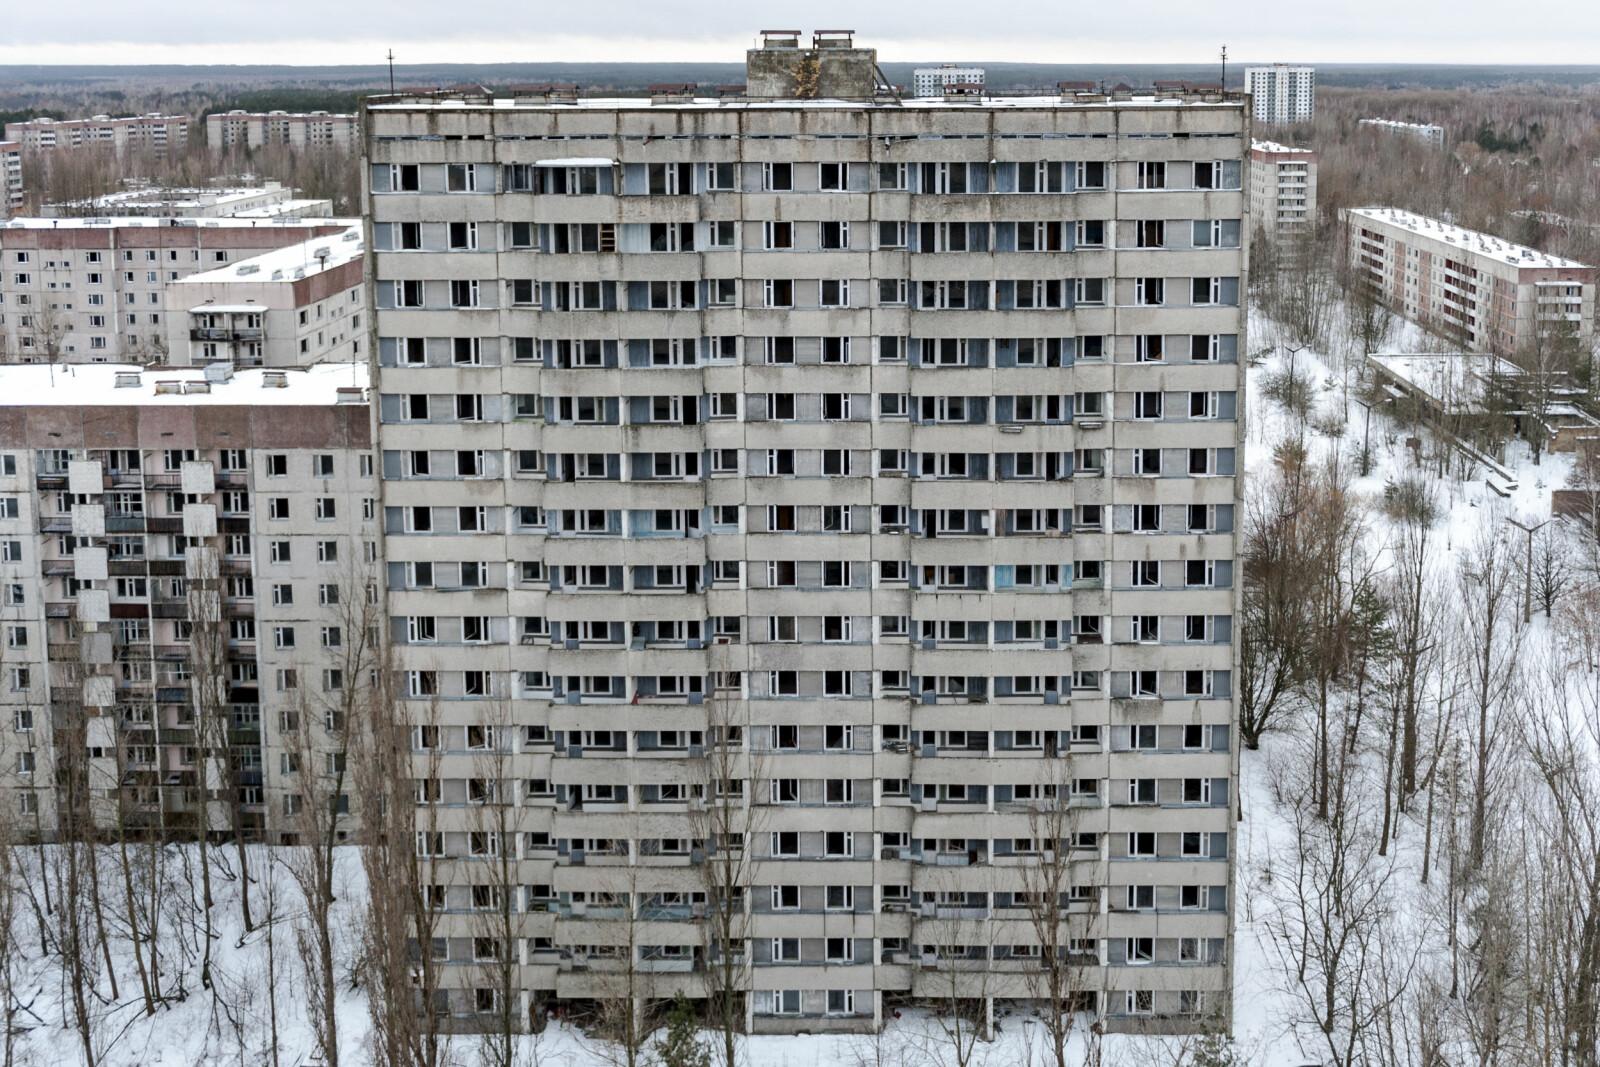 """<b>SPØKELSESBYEN PRIBYAT:</b> På en av bygningen står det skrevet """"La atomet være en arbeidstager, ikke en soldat"""". I alt 50 000 innbyggere ble evakuert fra byen."""